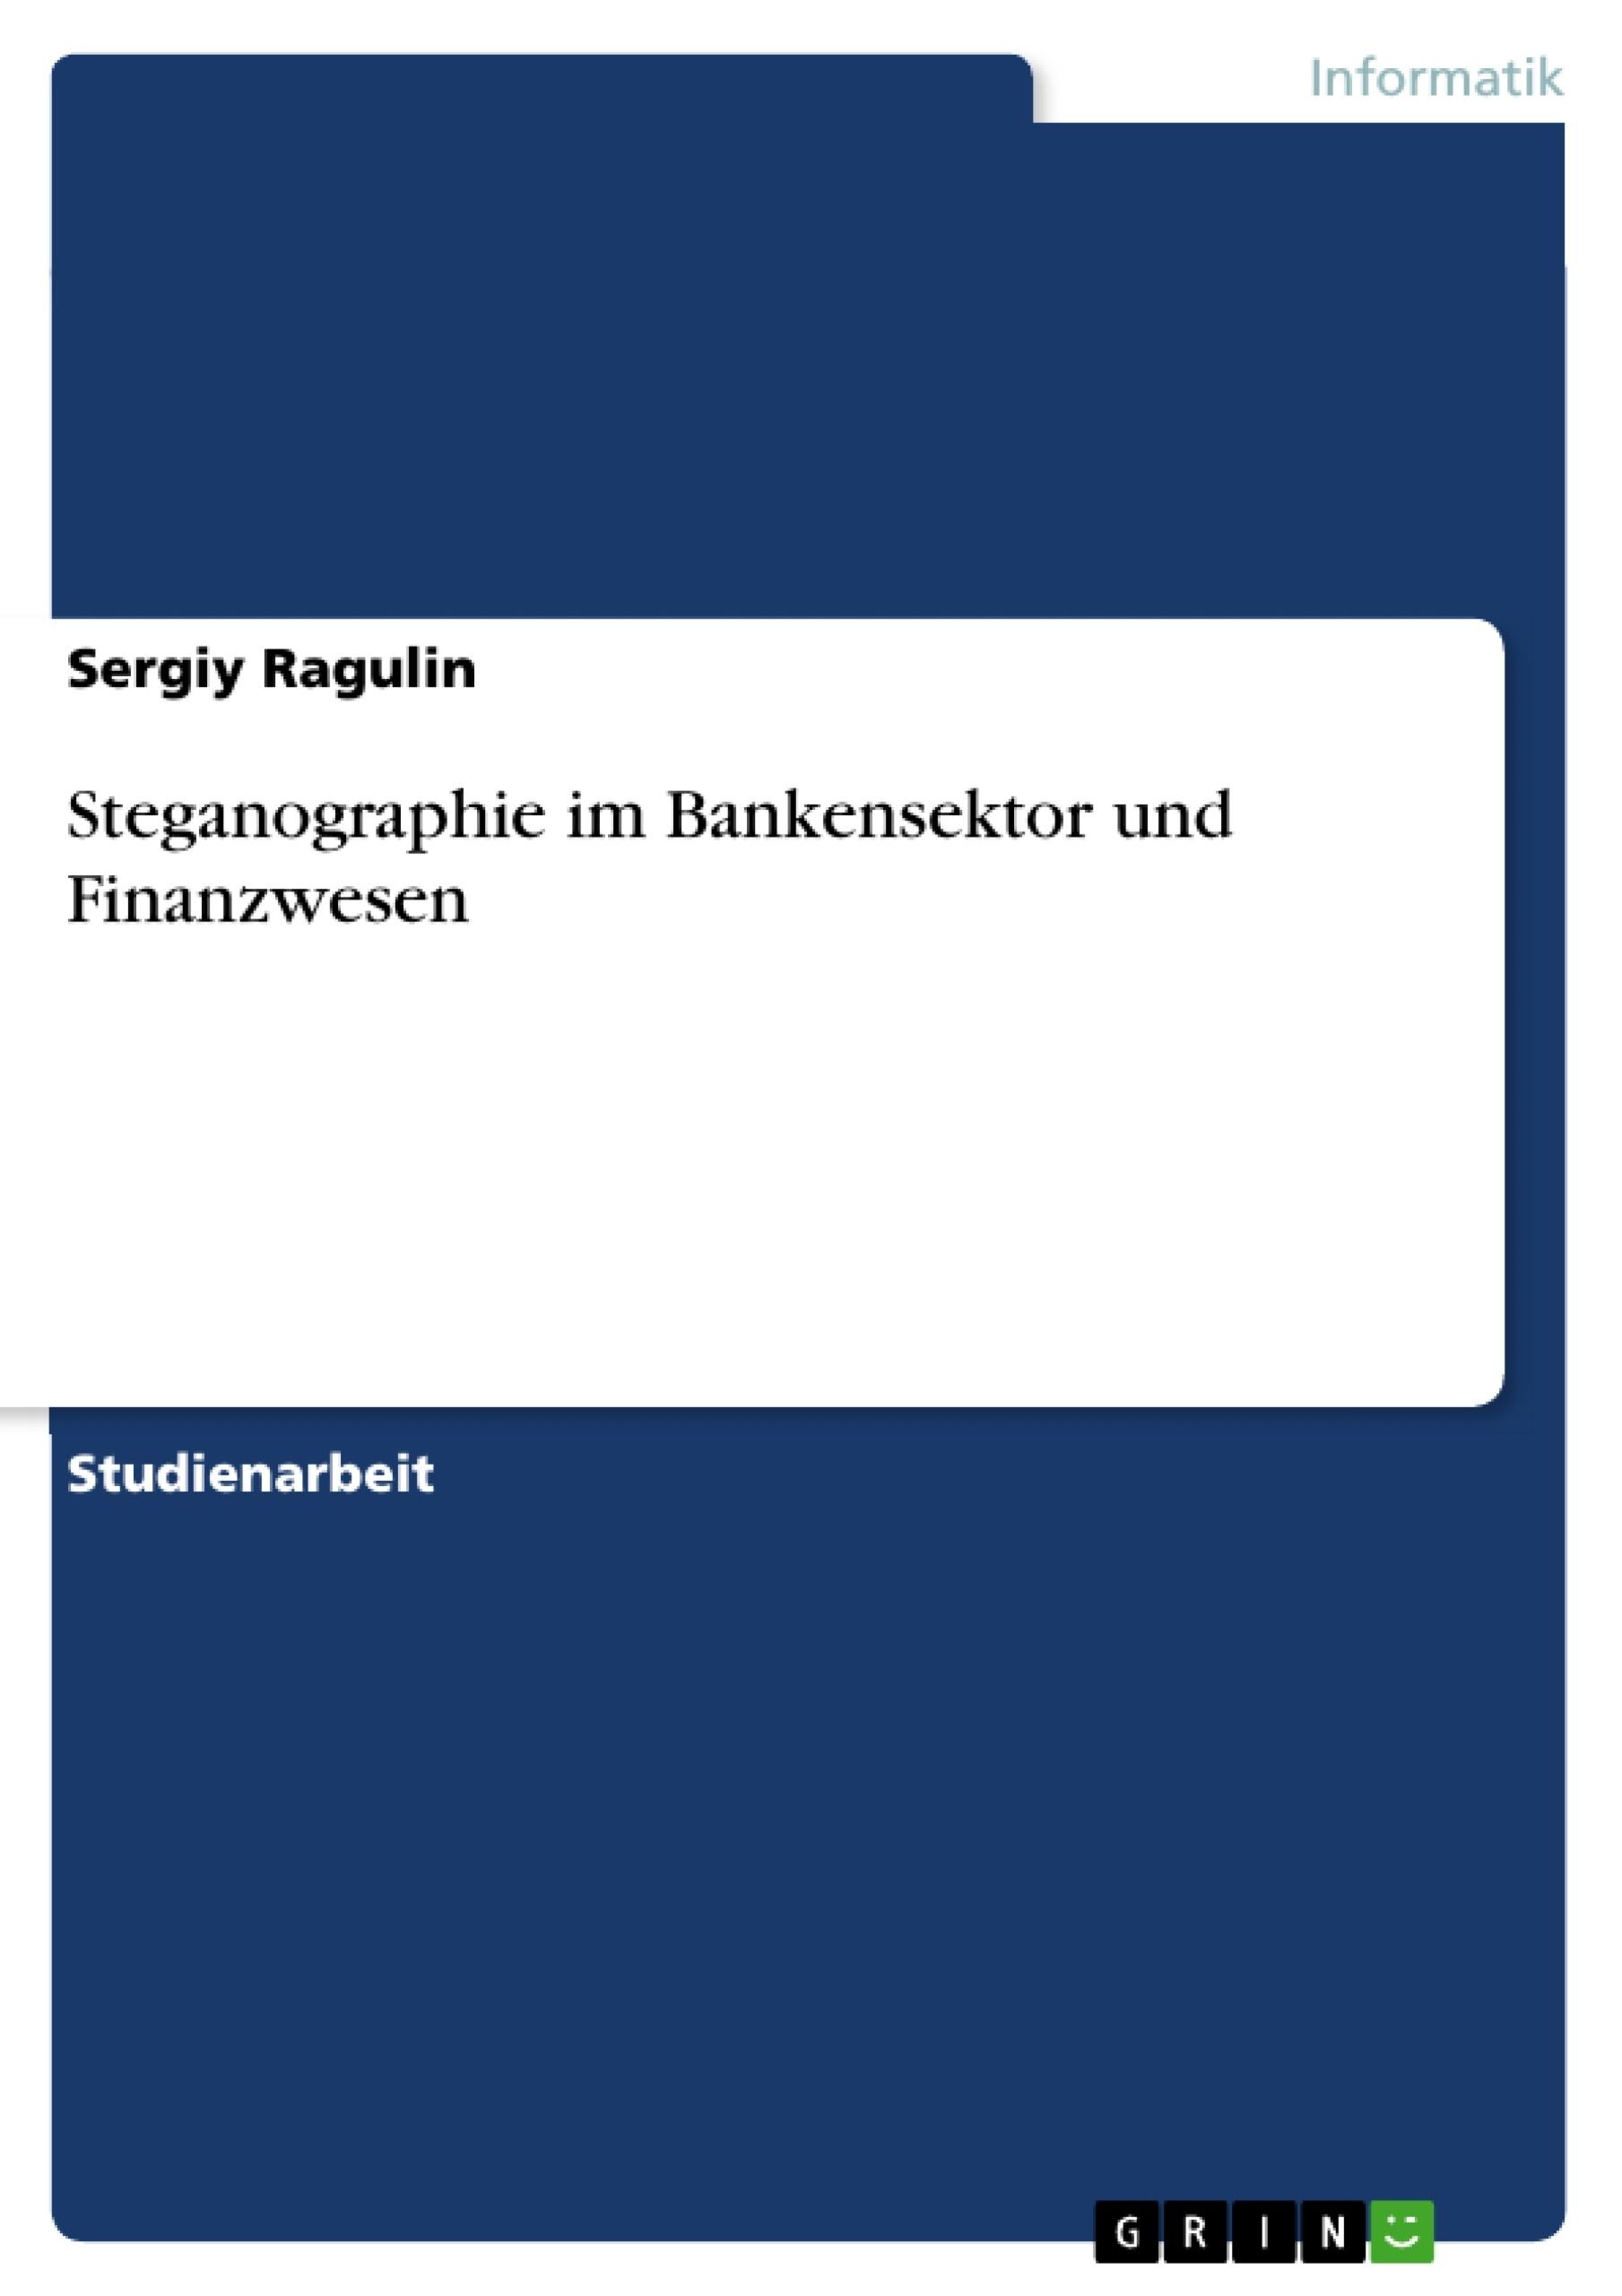 Titel: Steganographie im Bankensektor und Finanzwesen